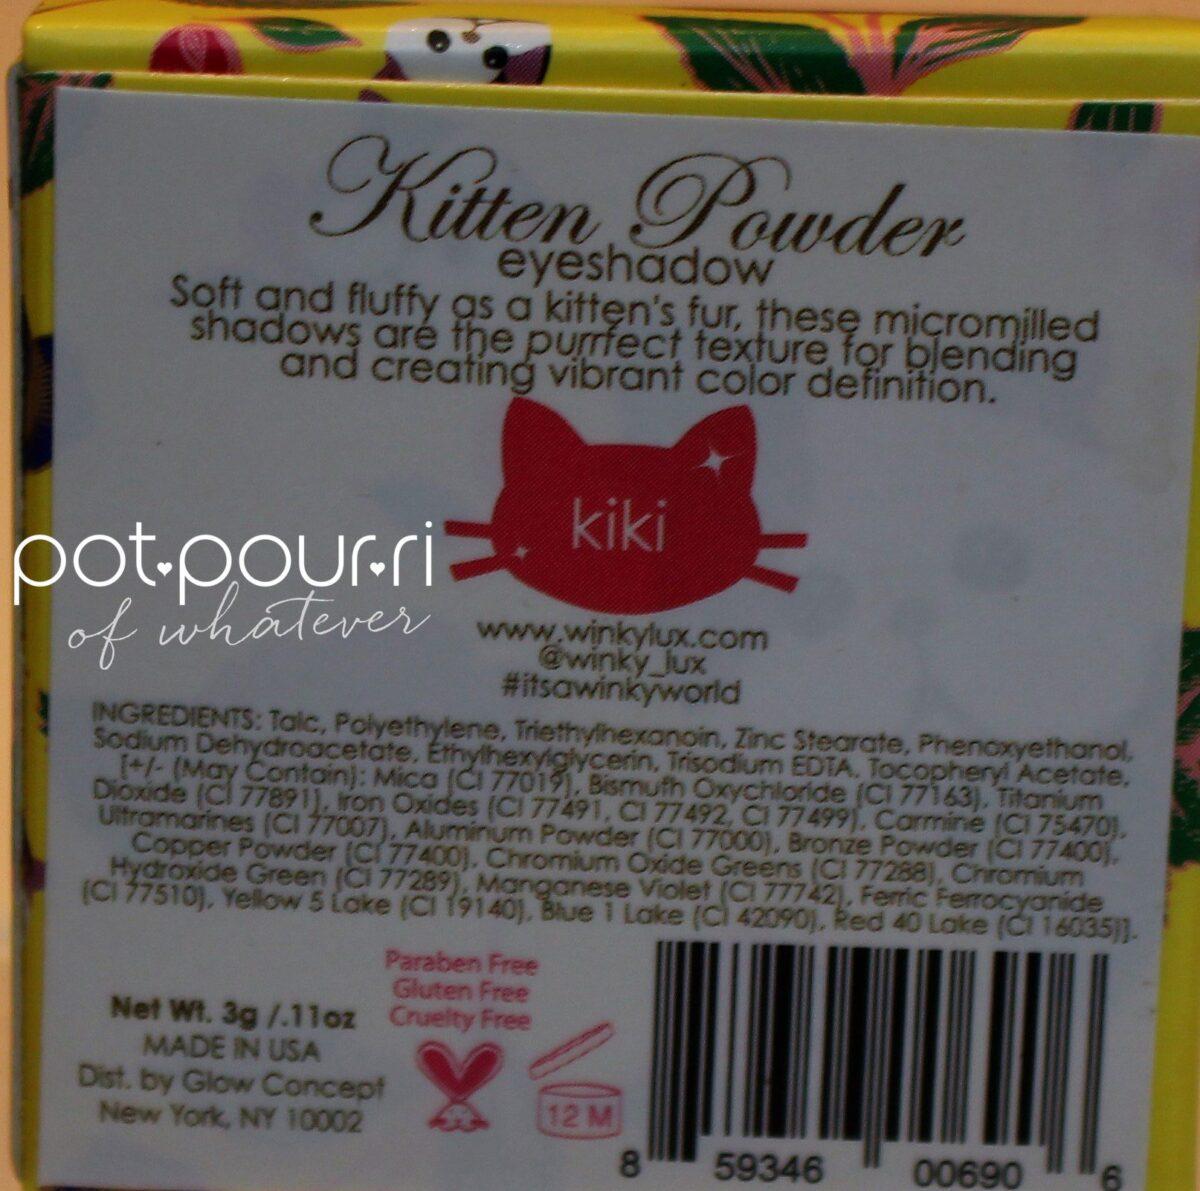 Kiki ingredients